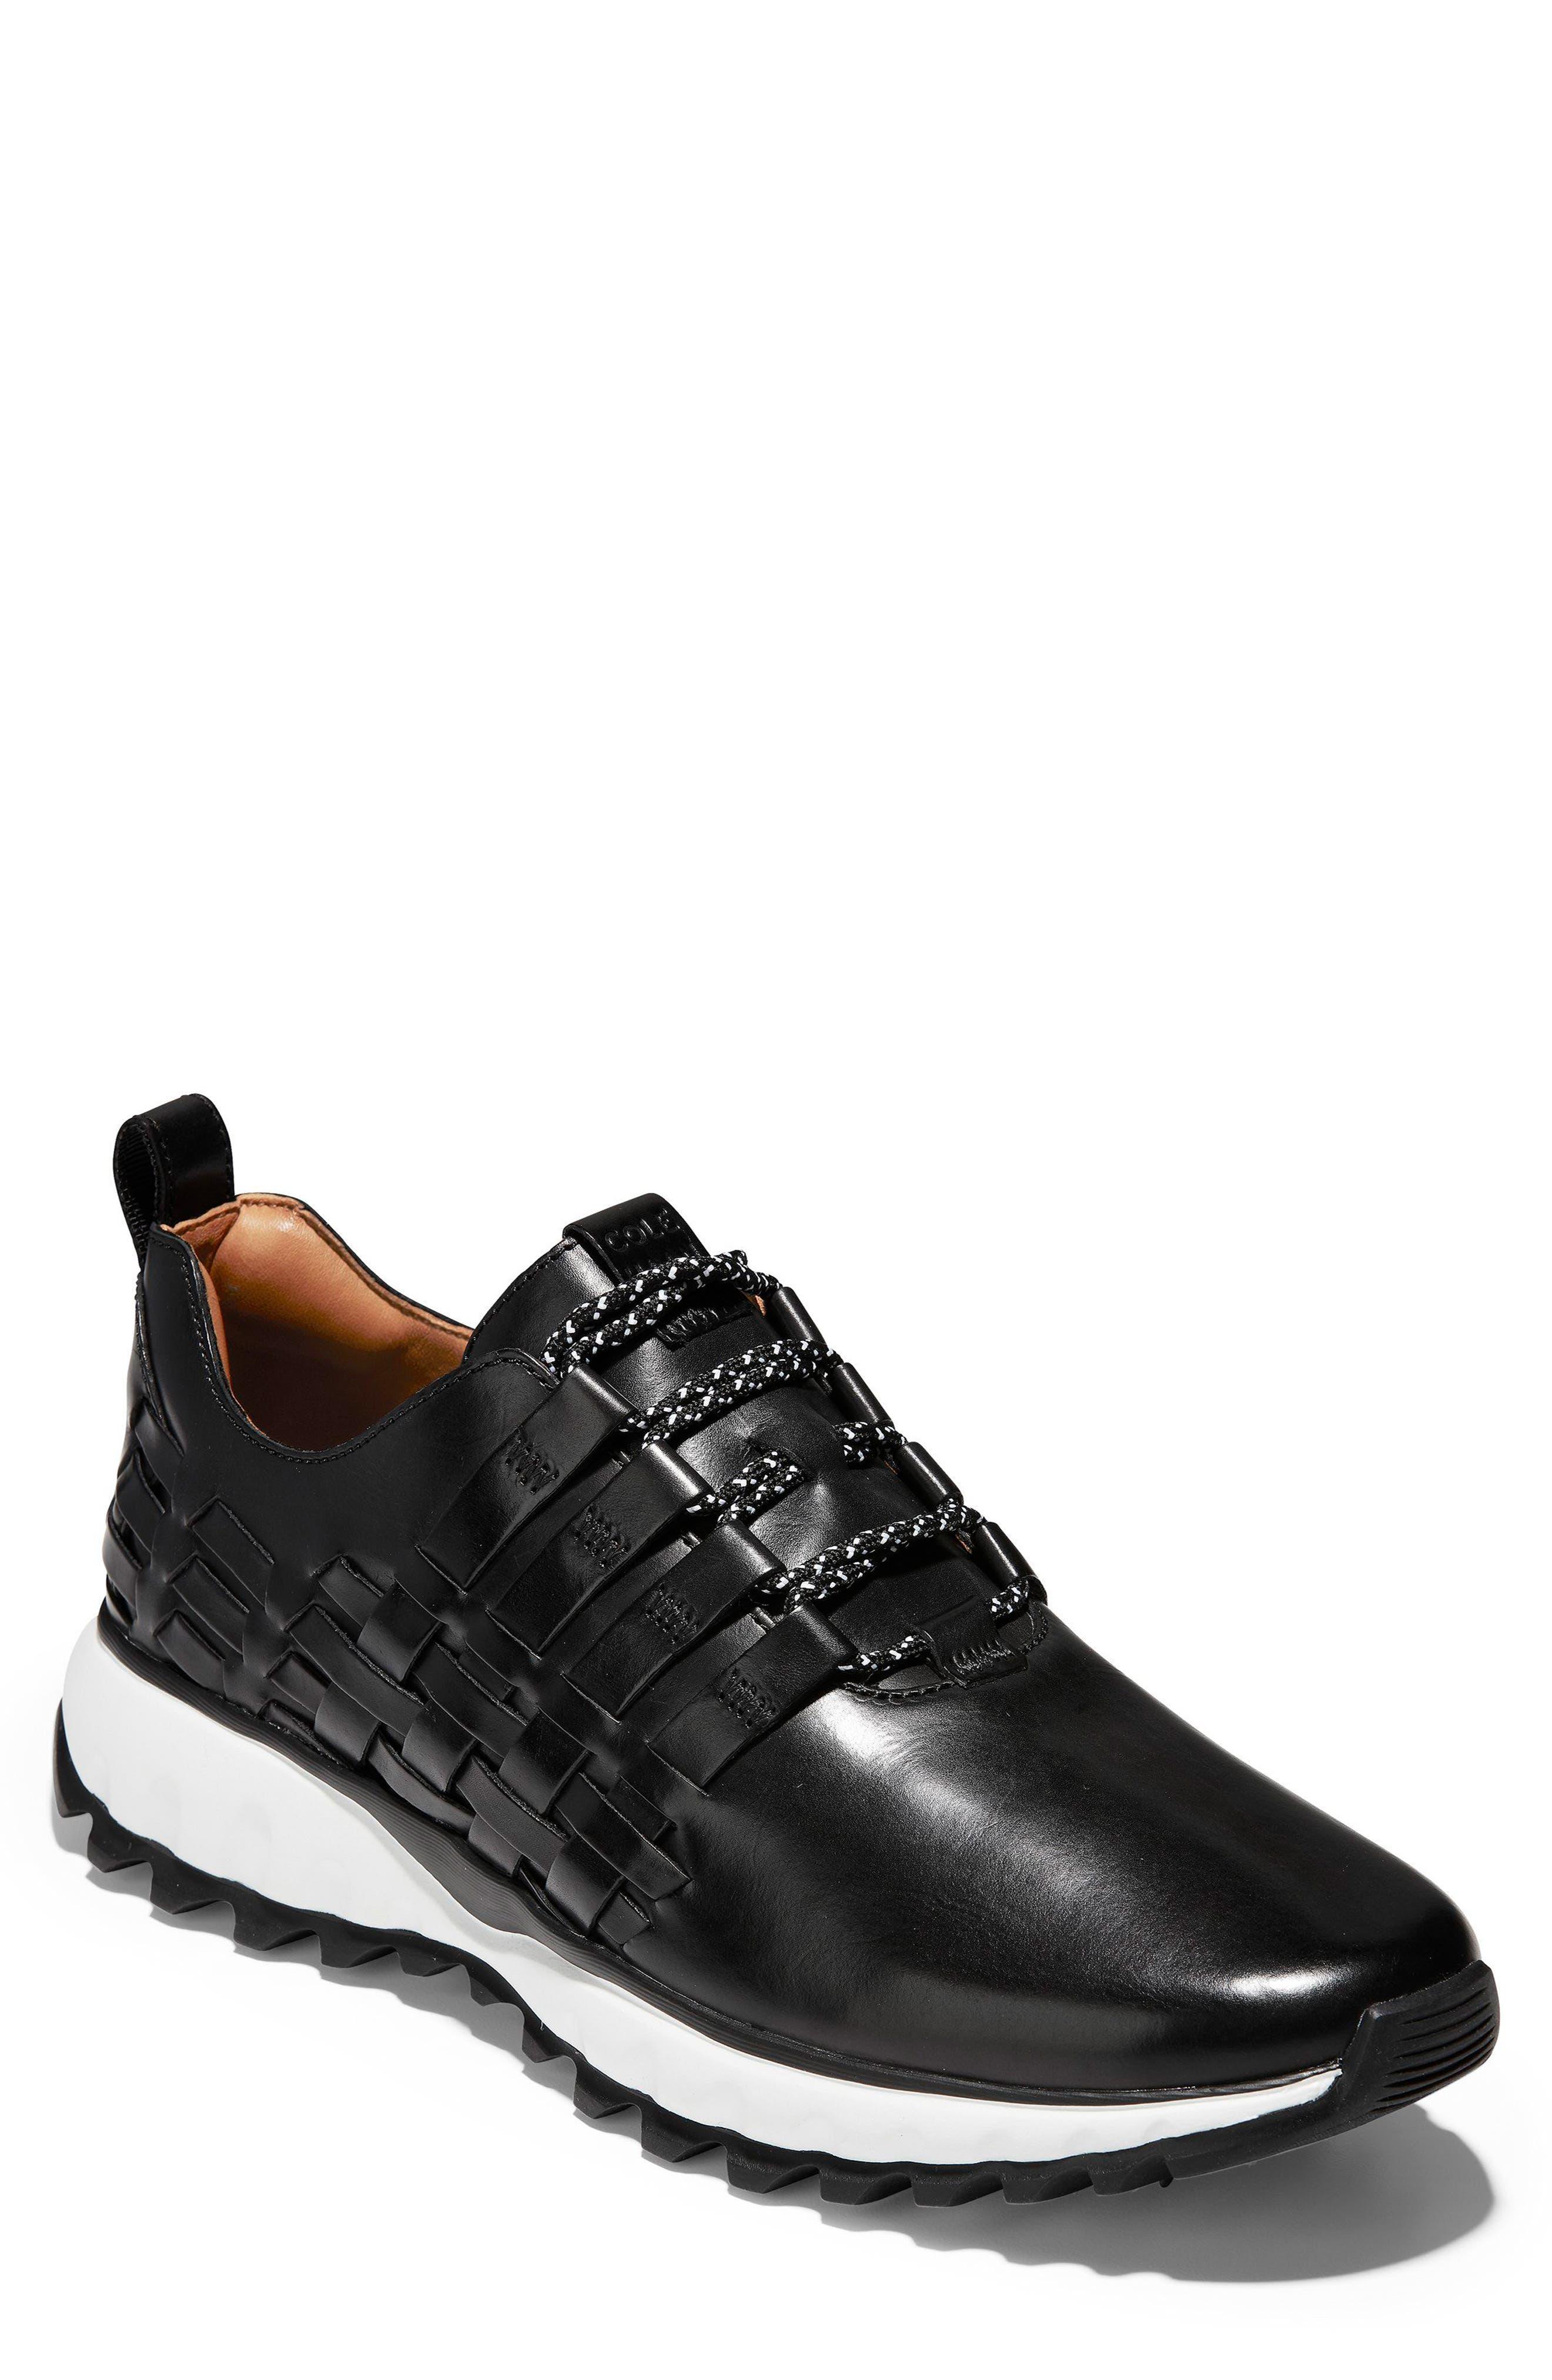 GrandExplore All Terrain Woven Sneaker,                         Main,                         color, 001